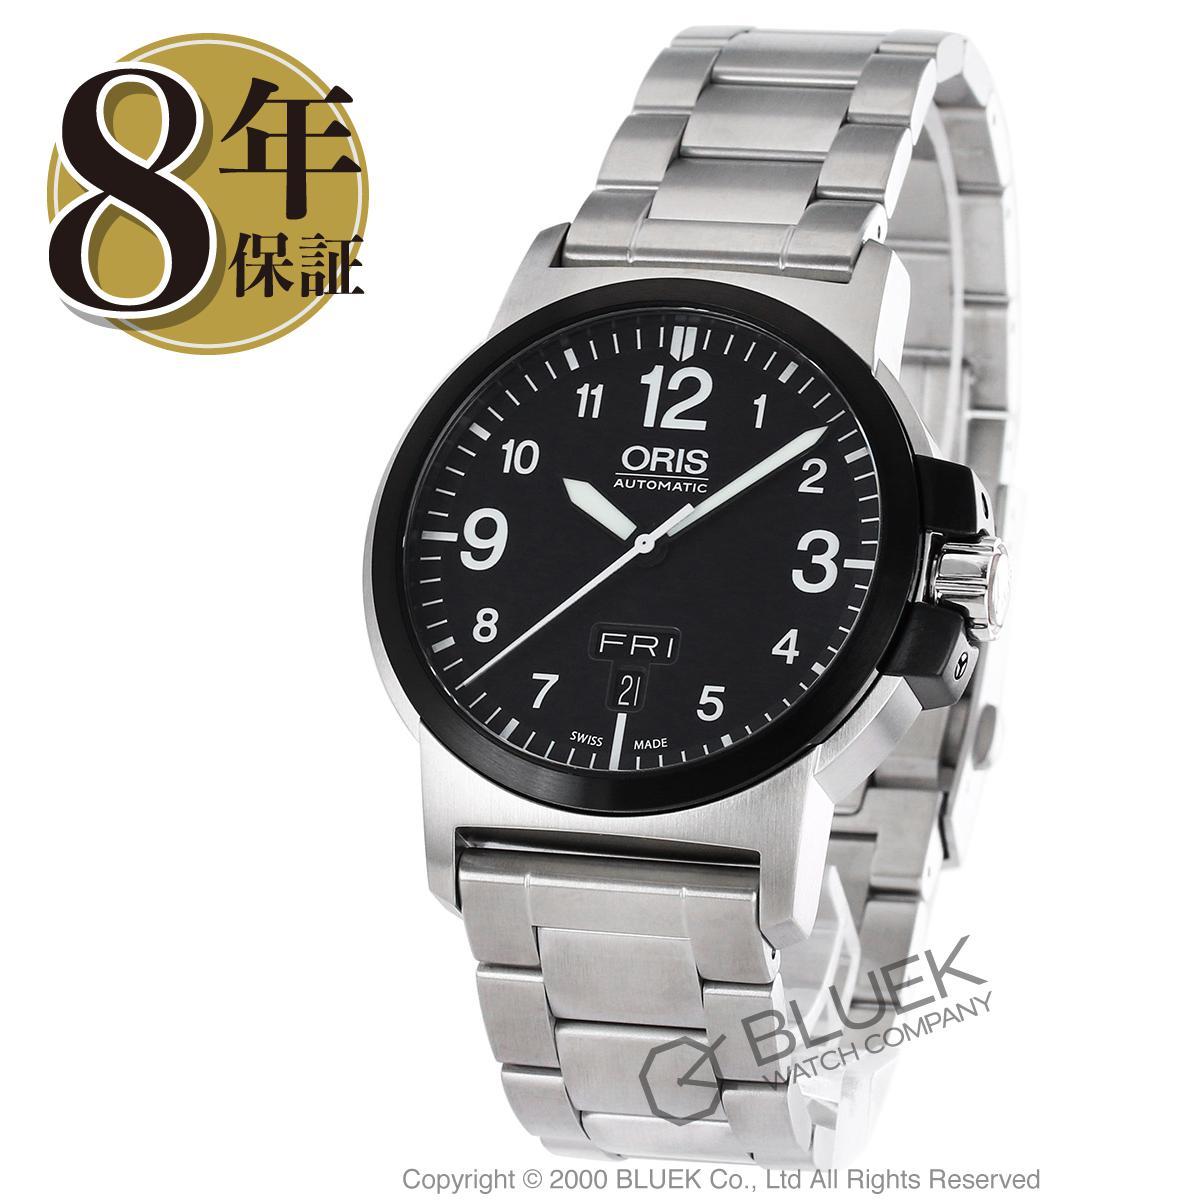 オリス BC3 アドバンスド 腕時計 メンズ ORIS 735 7641 4364M_8